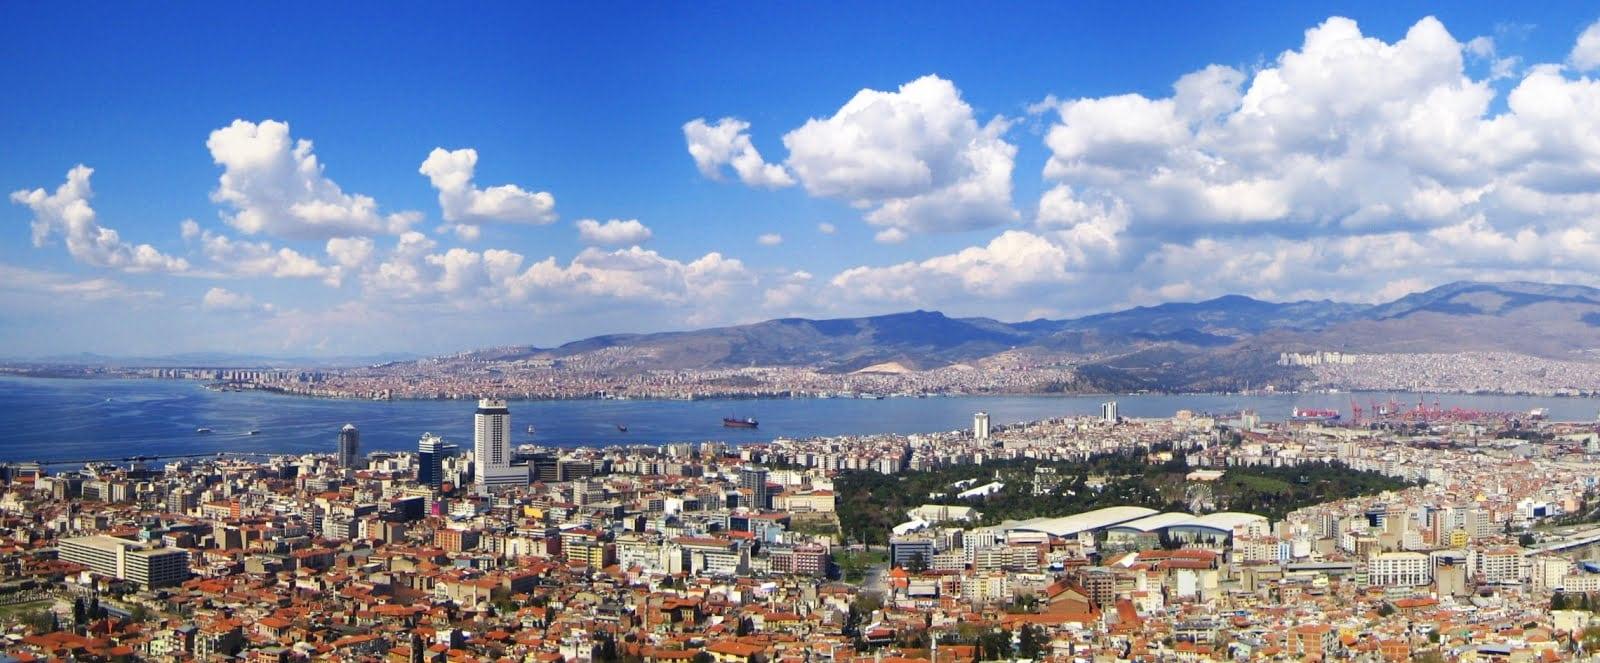 منتجع تشيشمي بتركيا